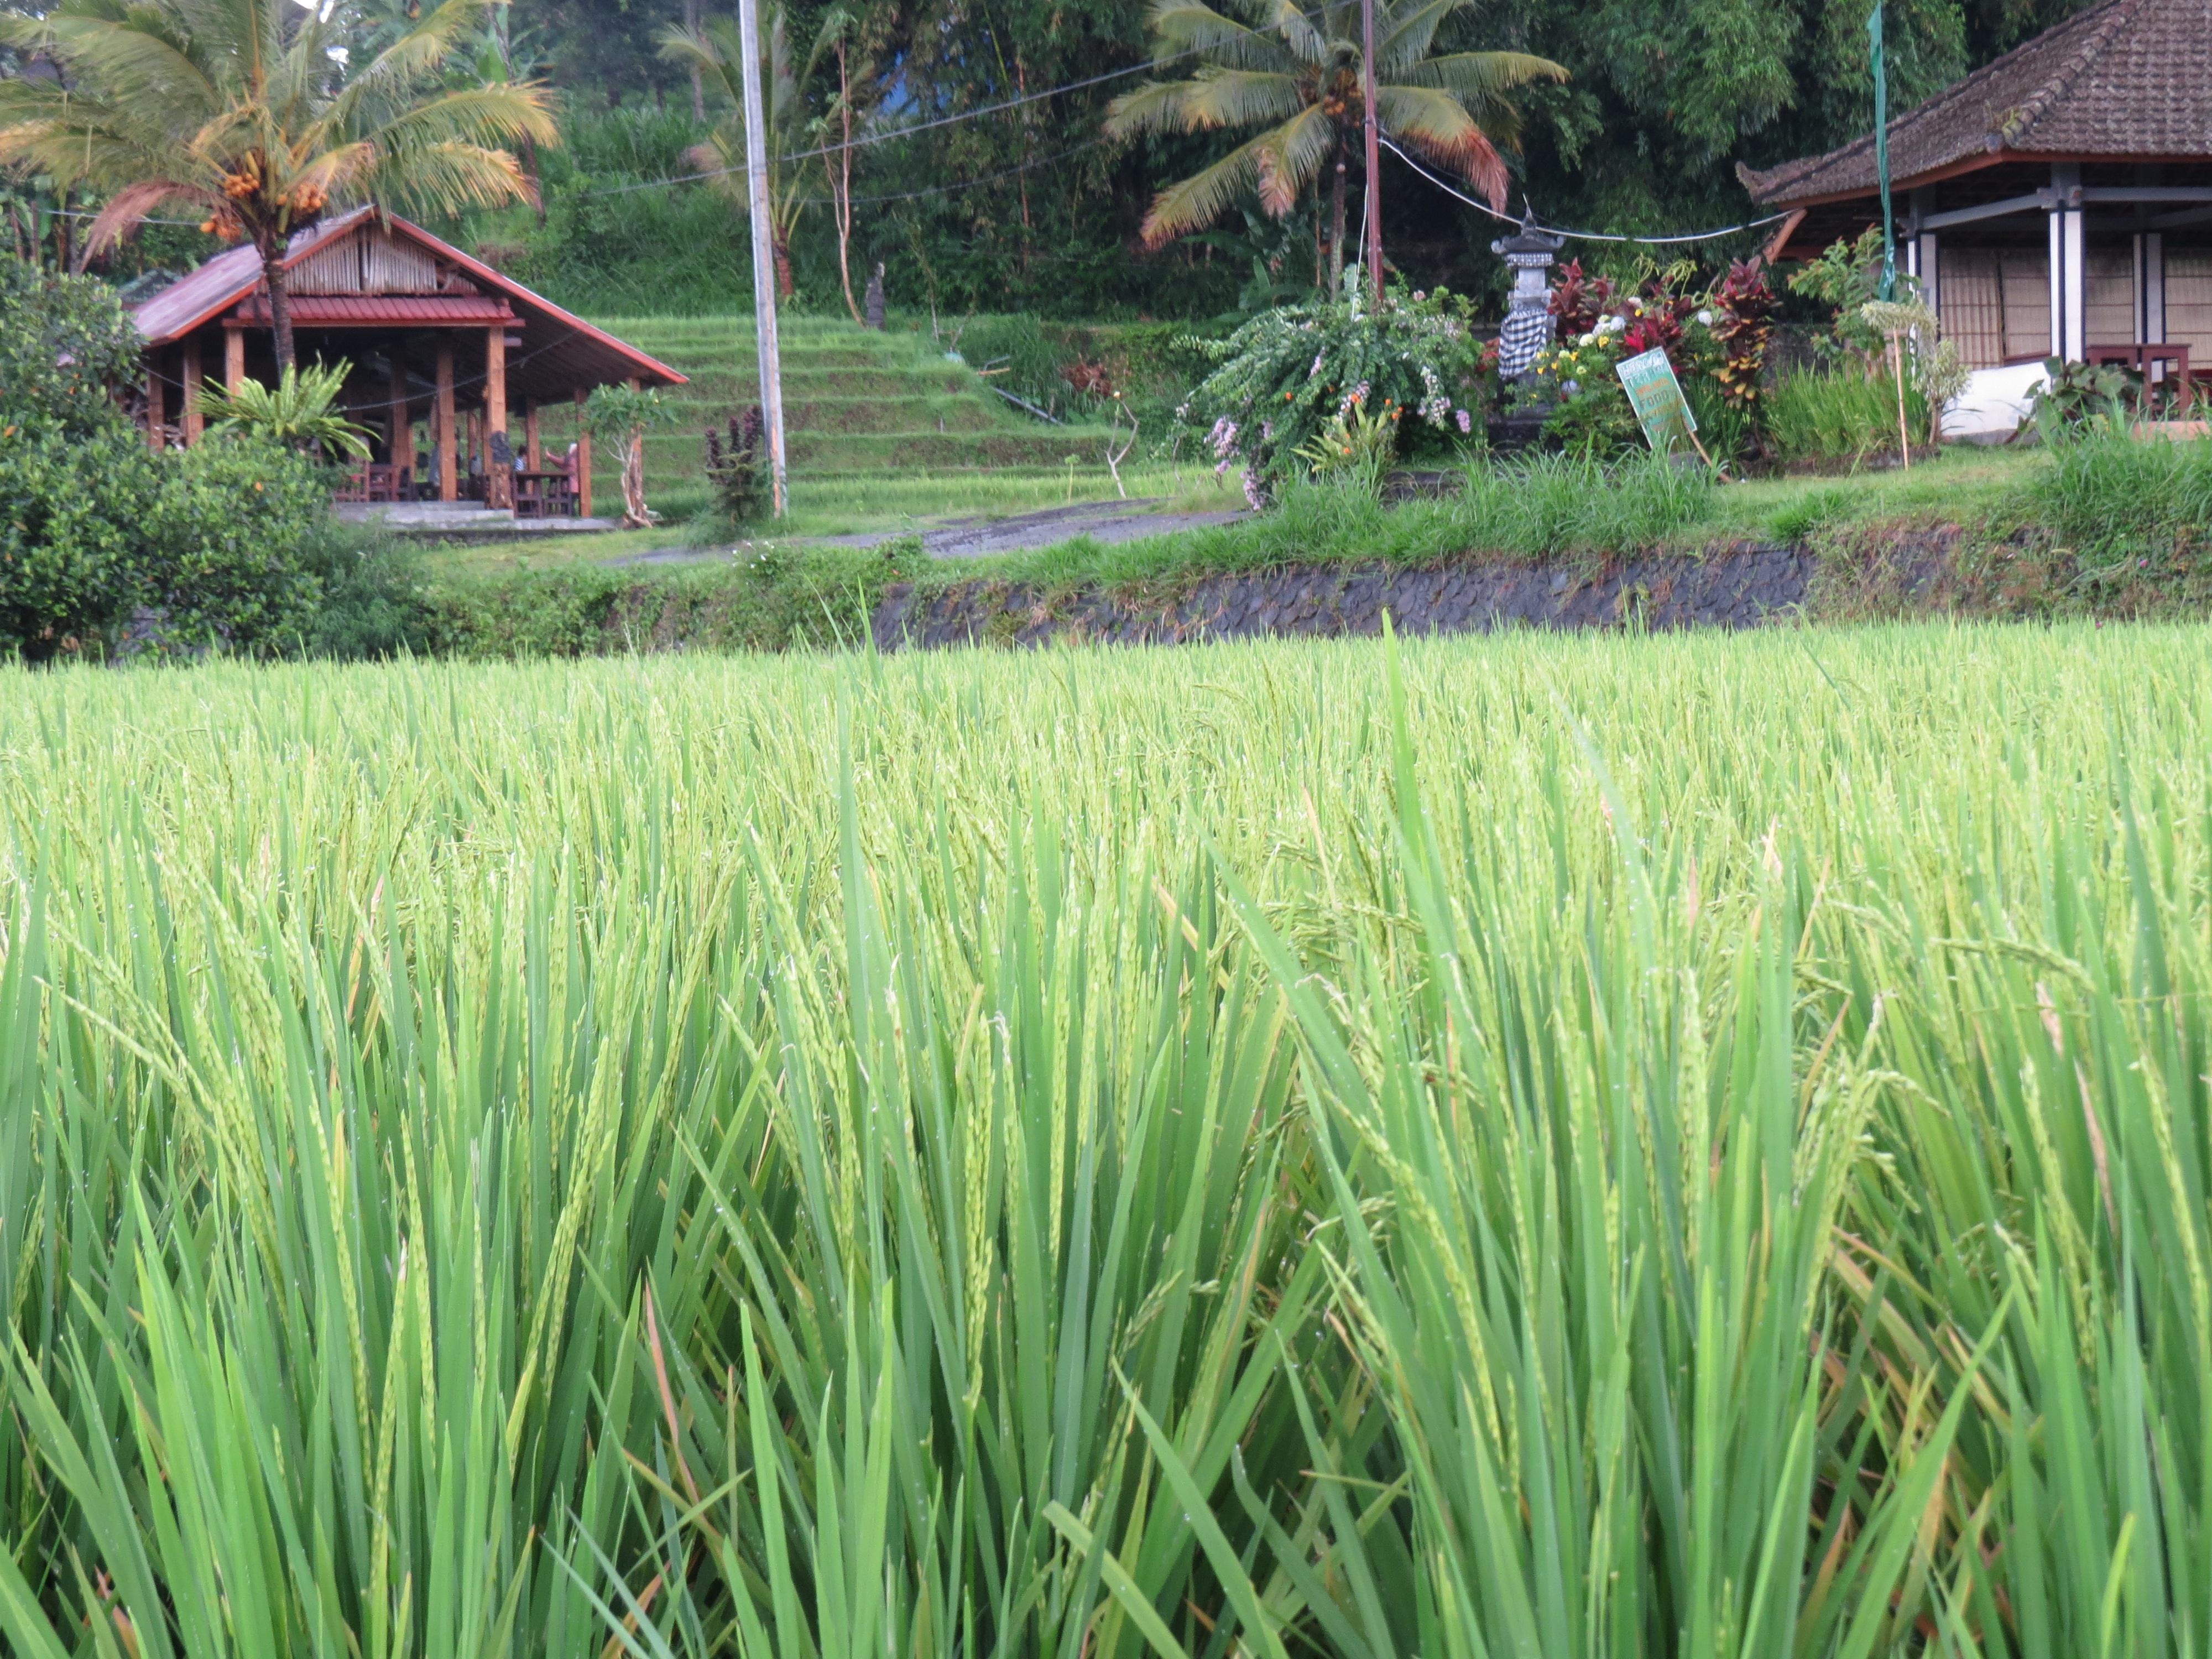 Gambar Bidang Halaman Rumput Tanaman Pertanian Perkebunan